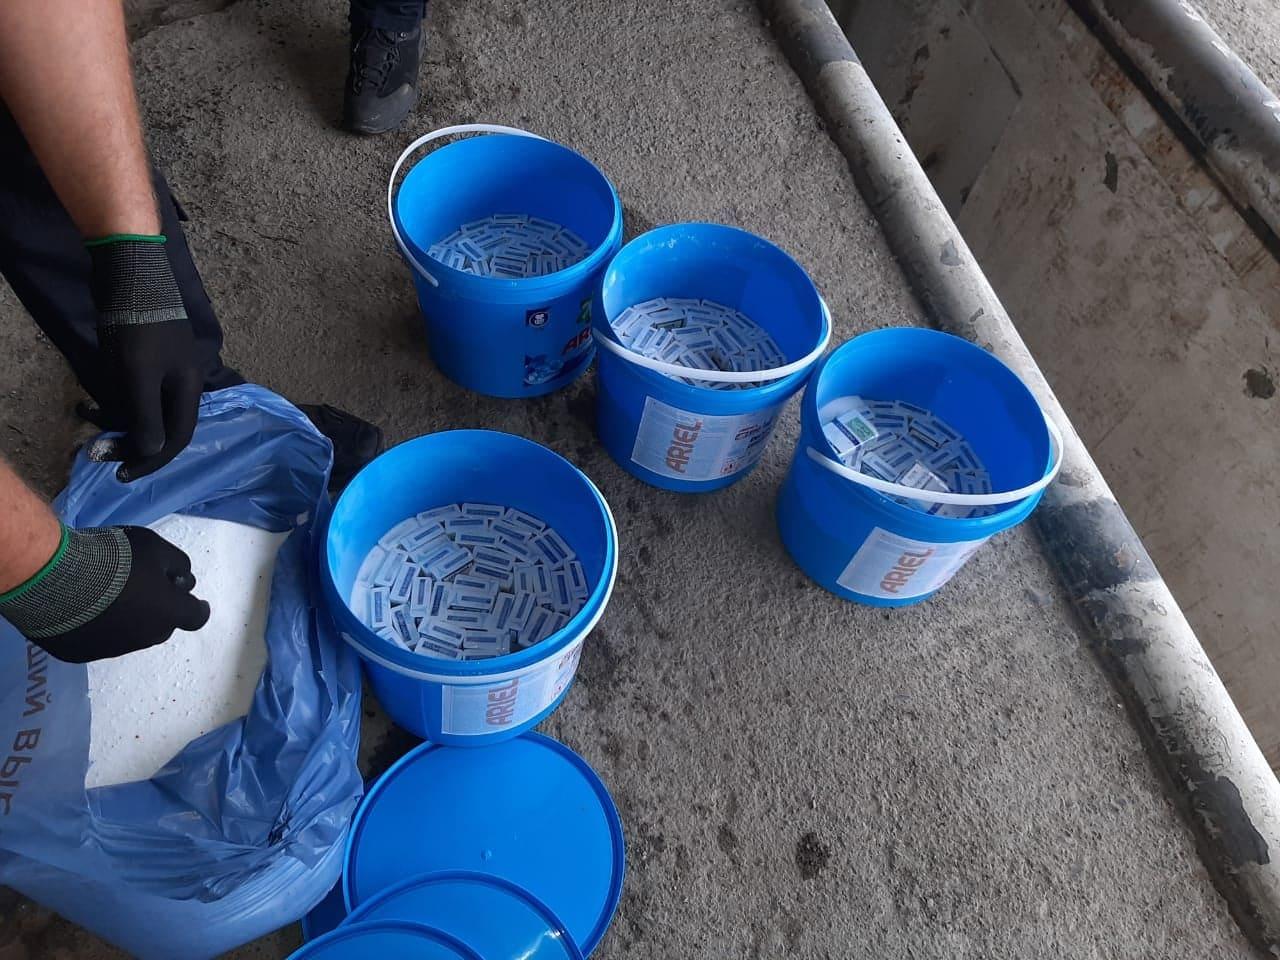 Румун намагався перевезти через кордон на Закарпатті сигарети, сховані у ємностях з пральним порошком